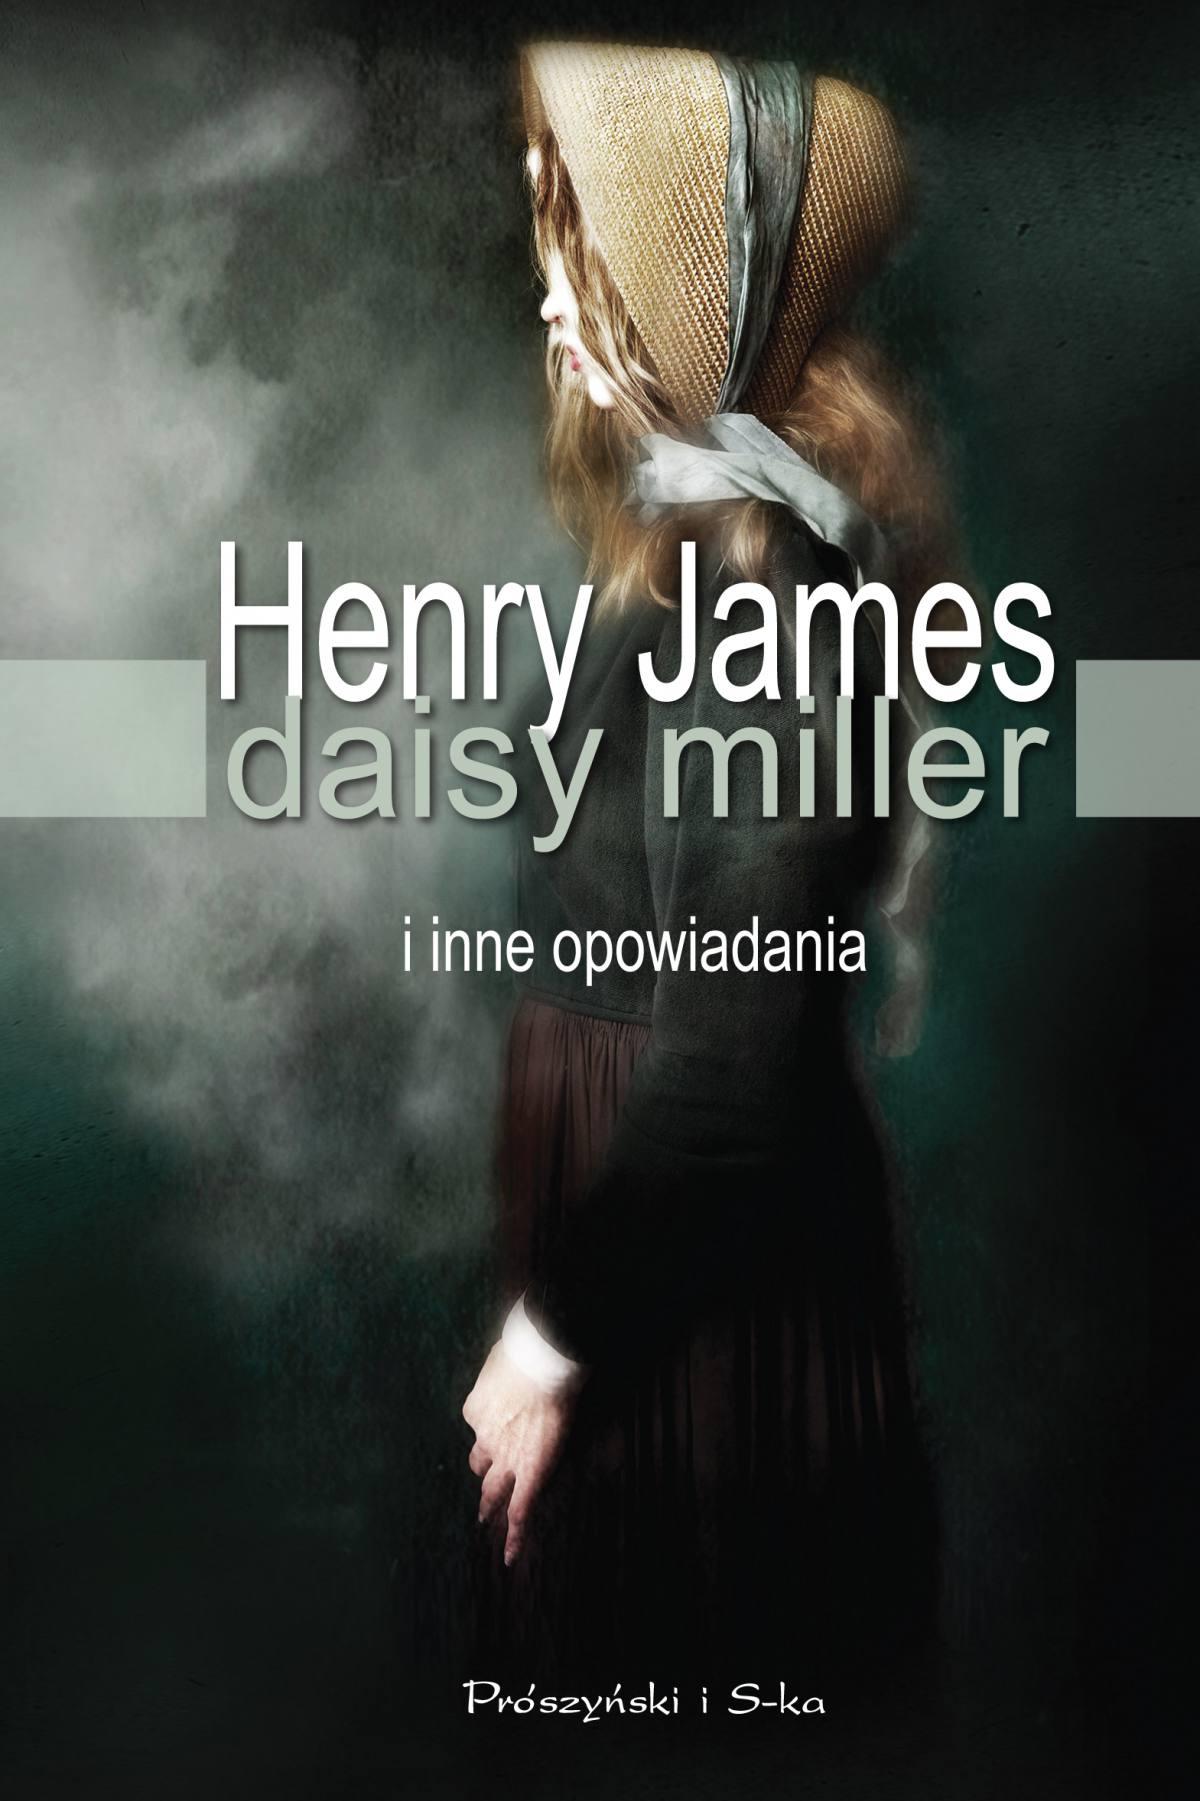 Daisy Miller i inne opowiadania - Ebook (Książka EPUB) do pobrania w formacie EPUB